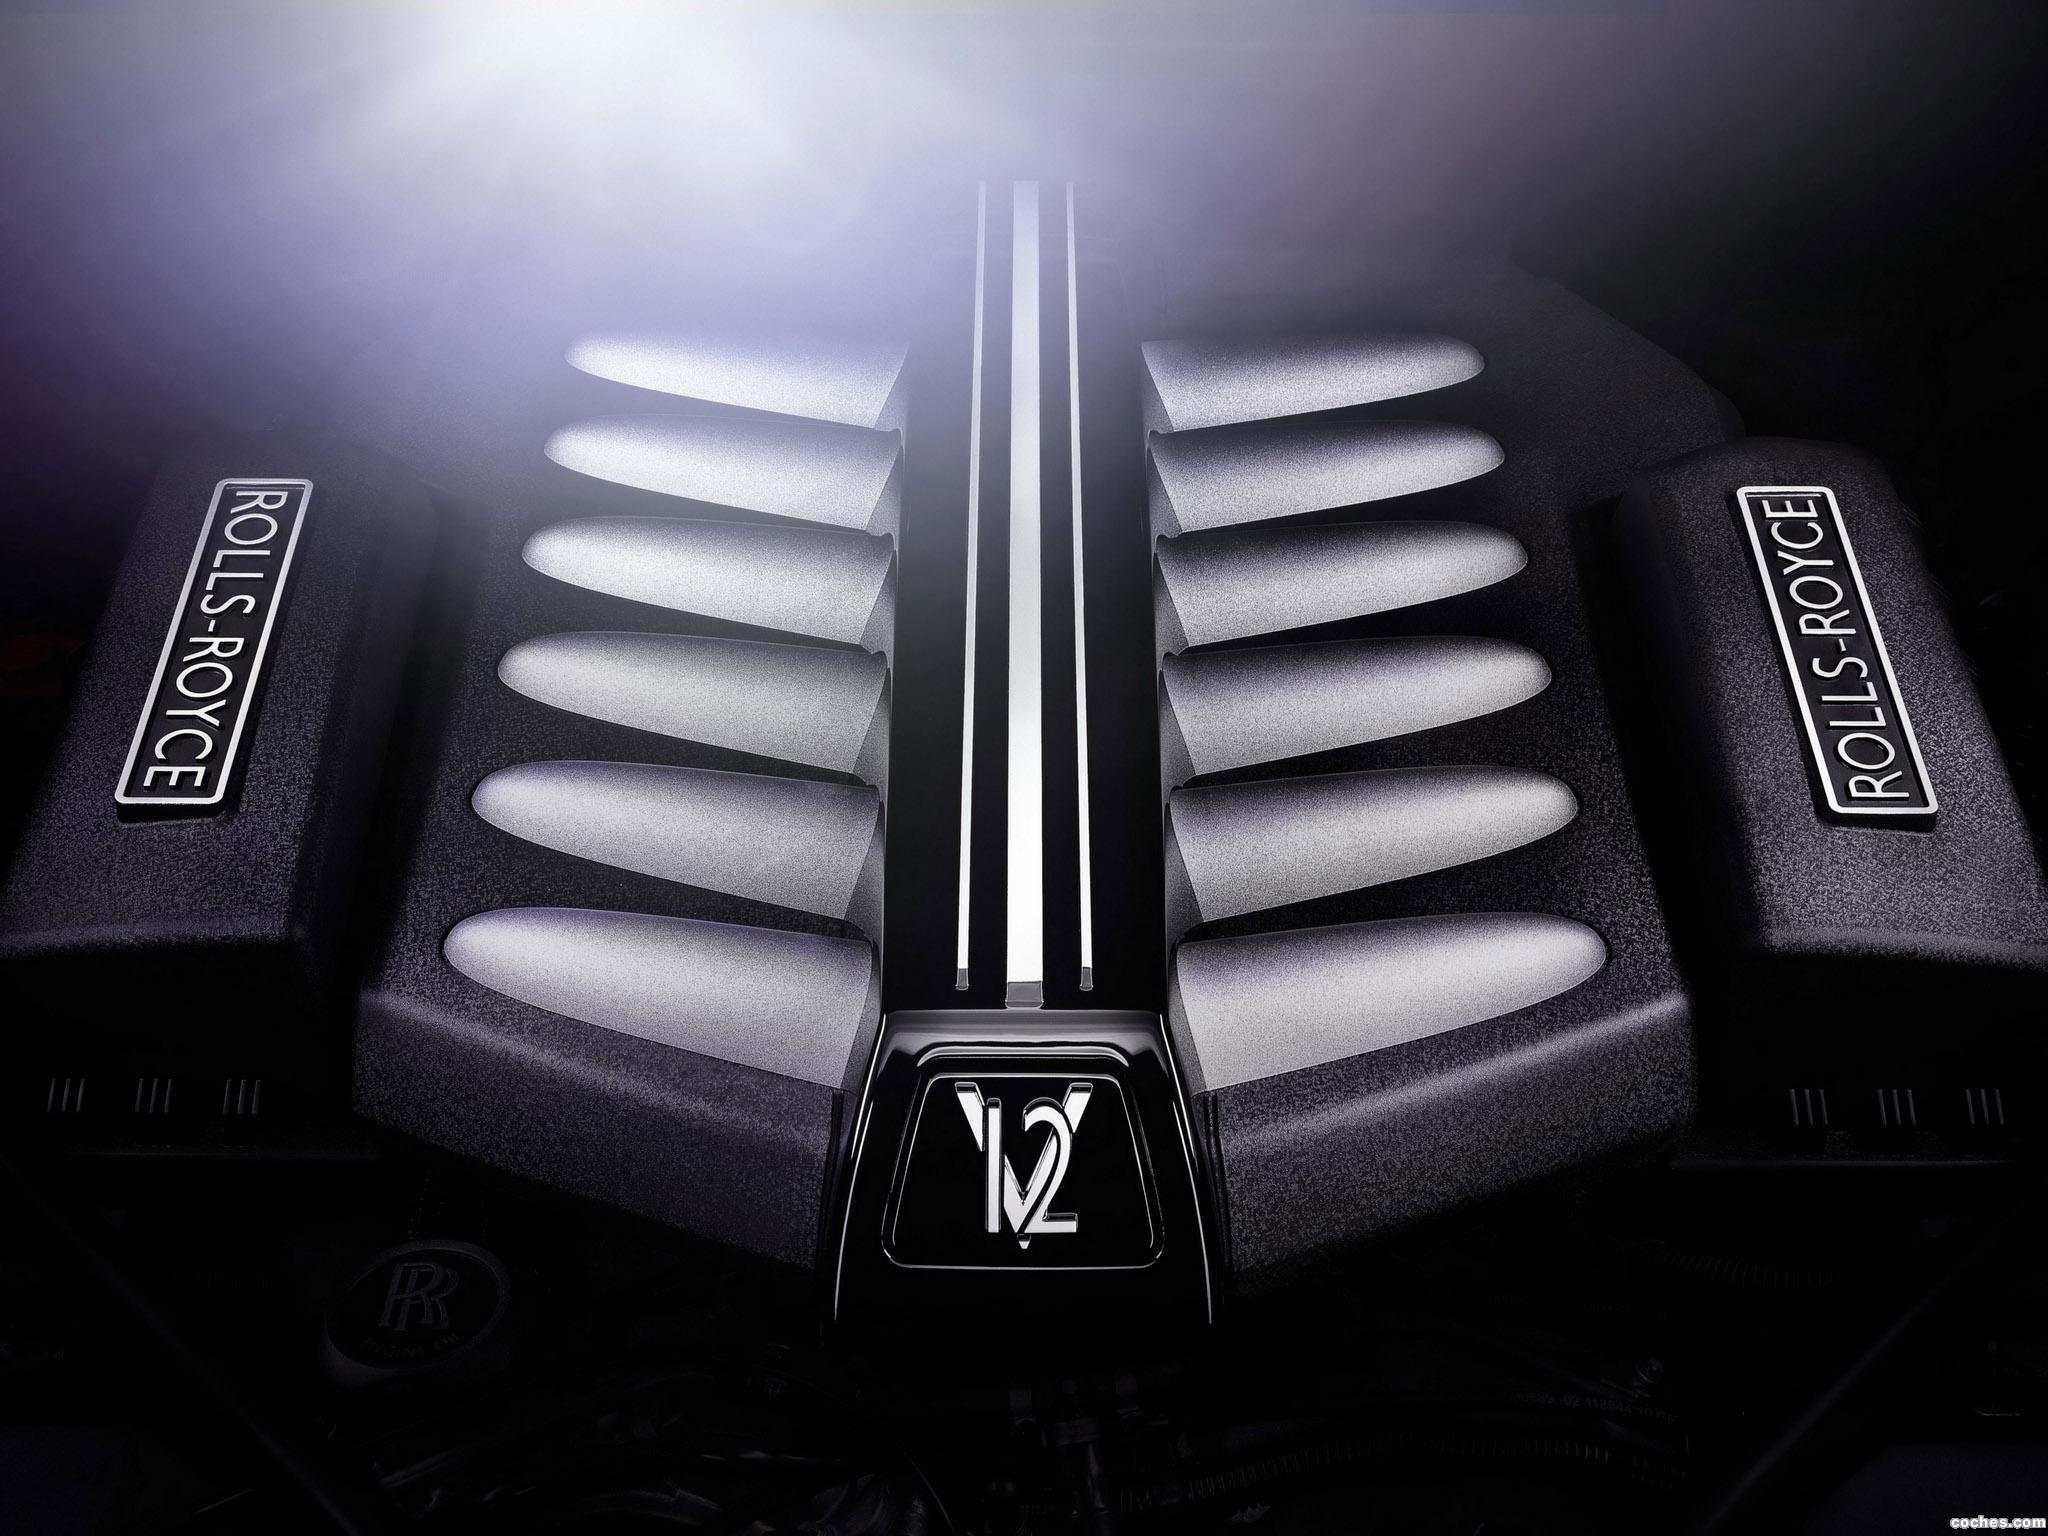 Foto 5 de Rolls Royce Ghost V Specification 2014